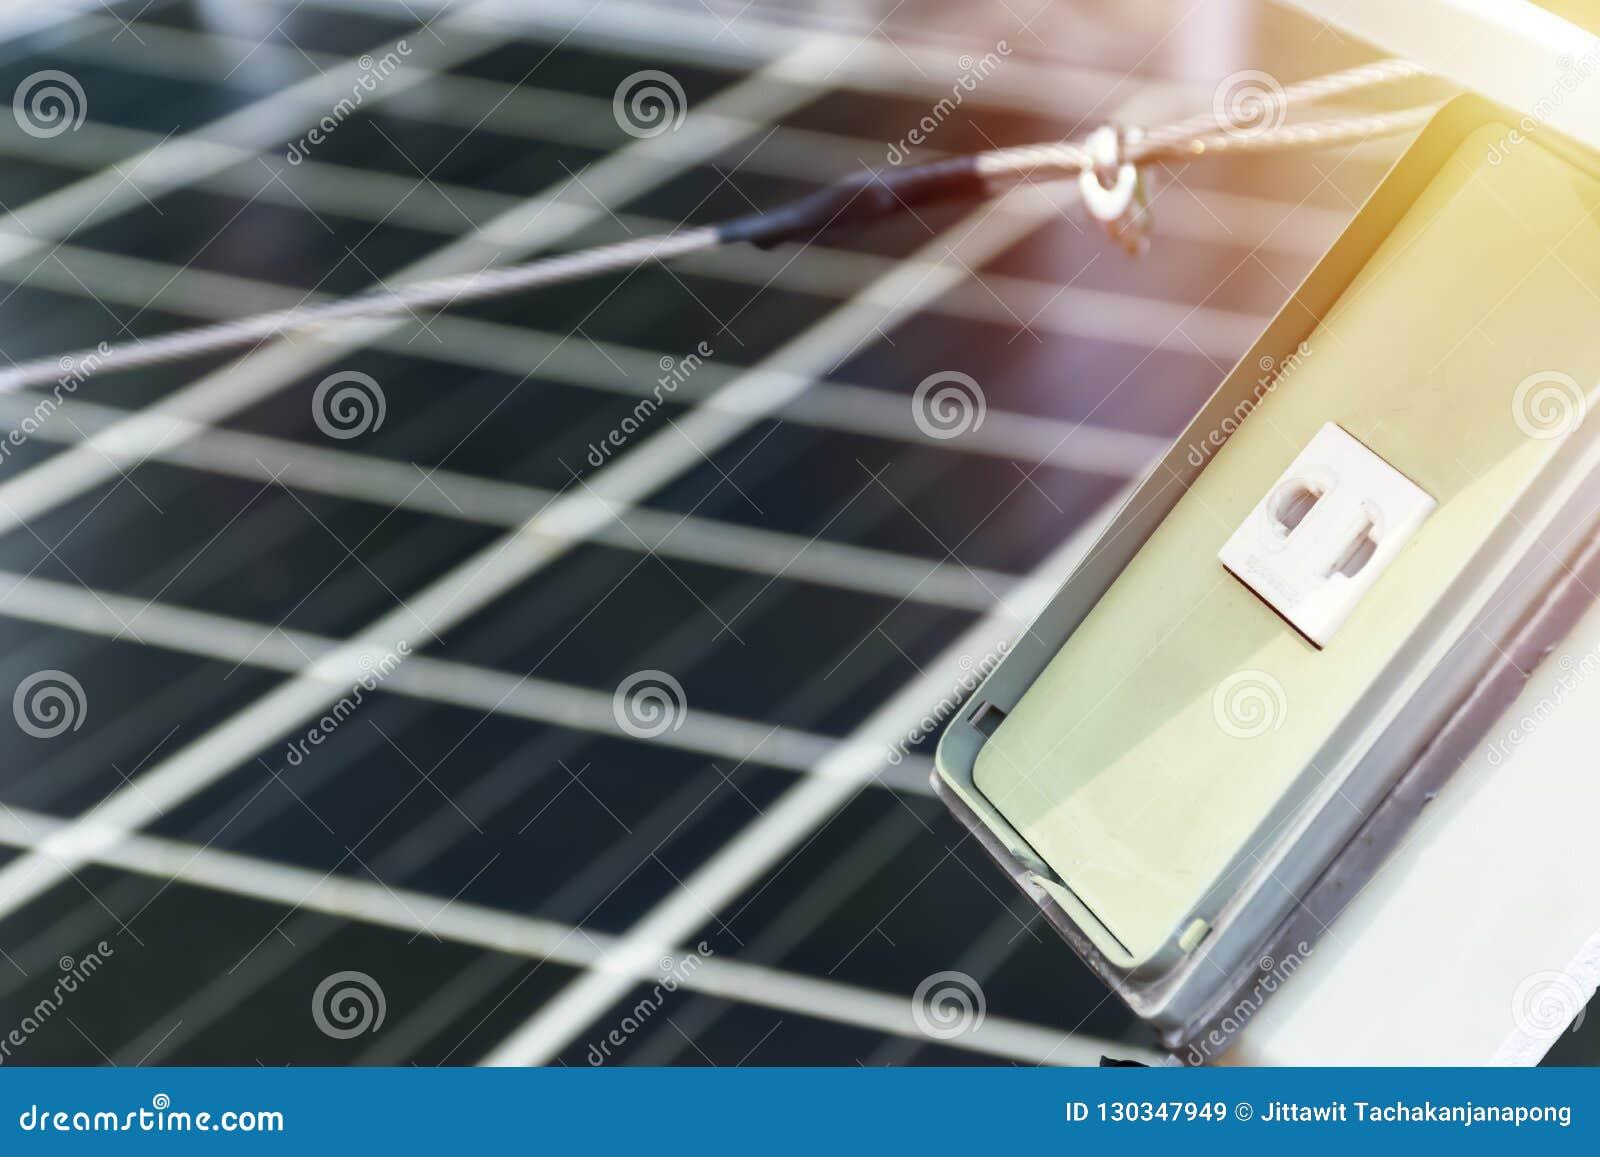 Панели солнечной станции фотовольтайческие, фронт гнездо штепсельной вилки